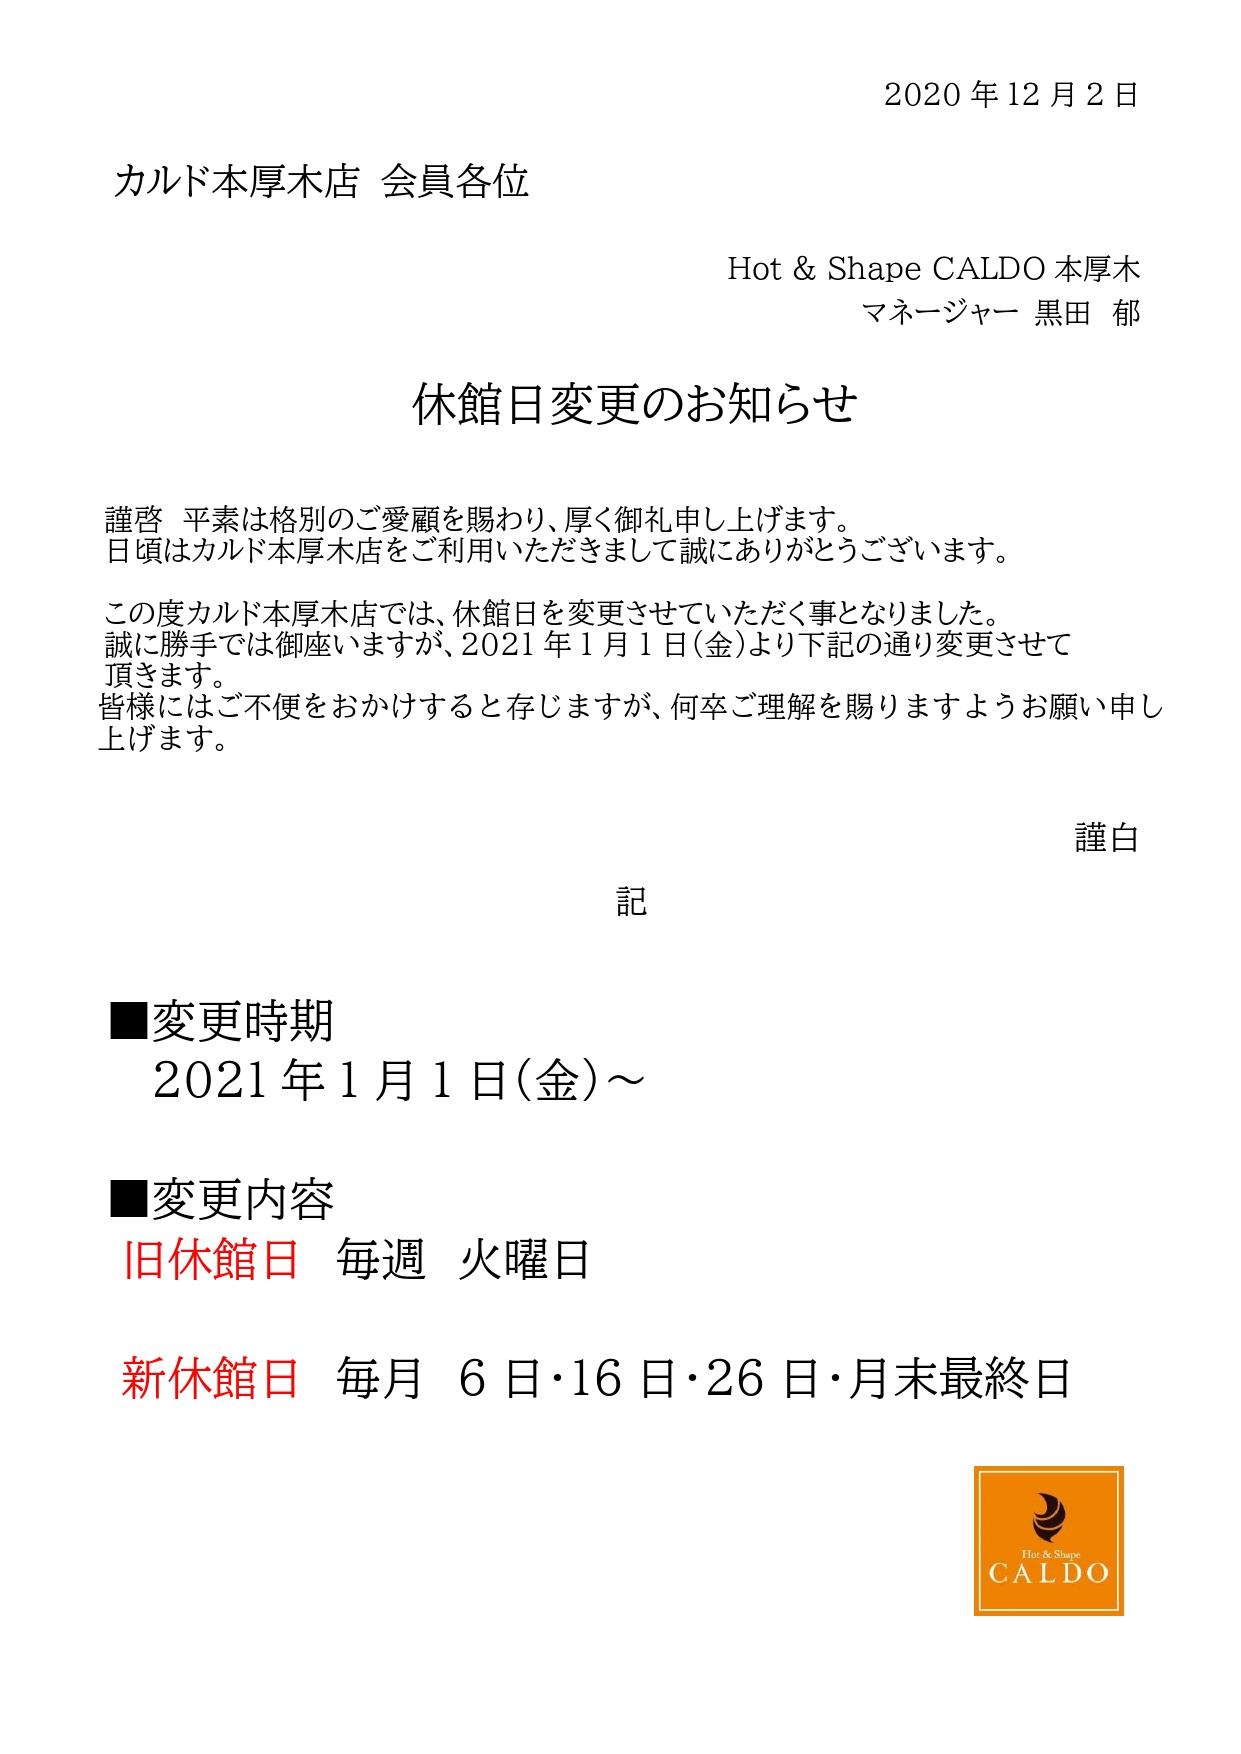 201201 休館日変更告知文